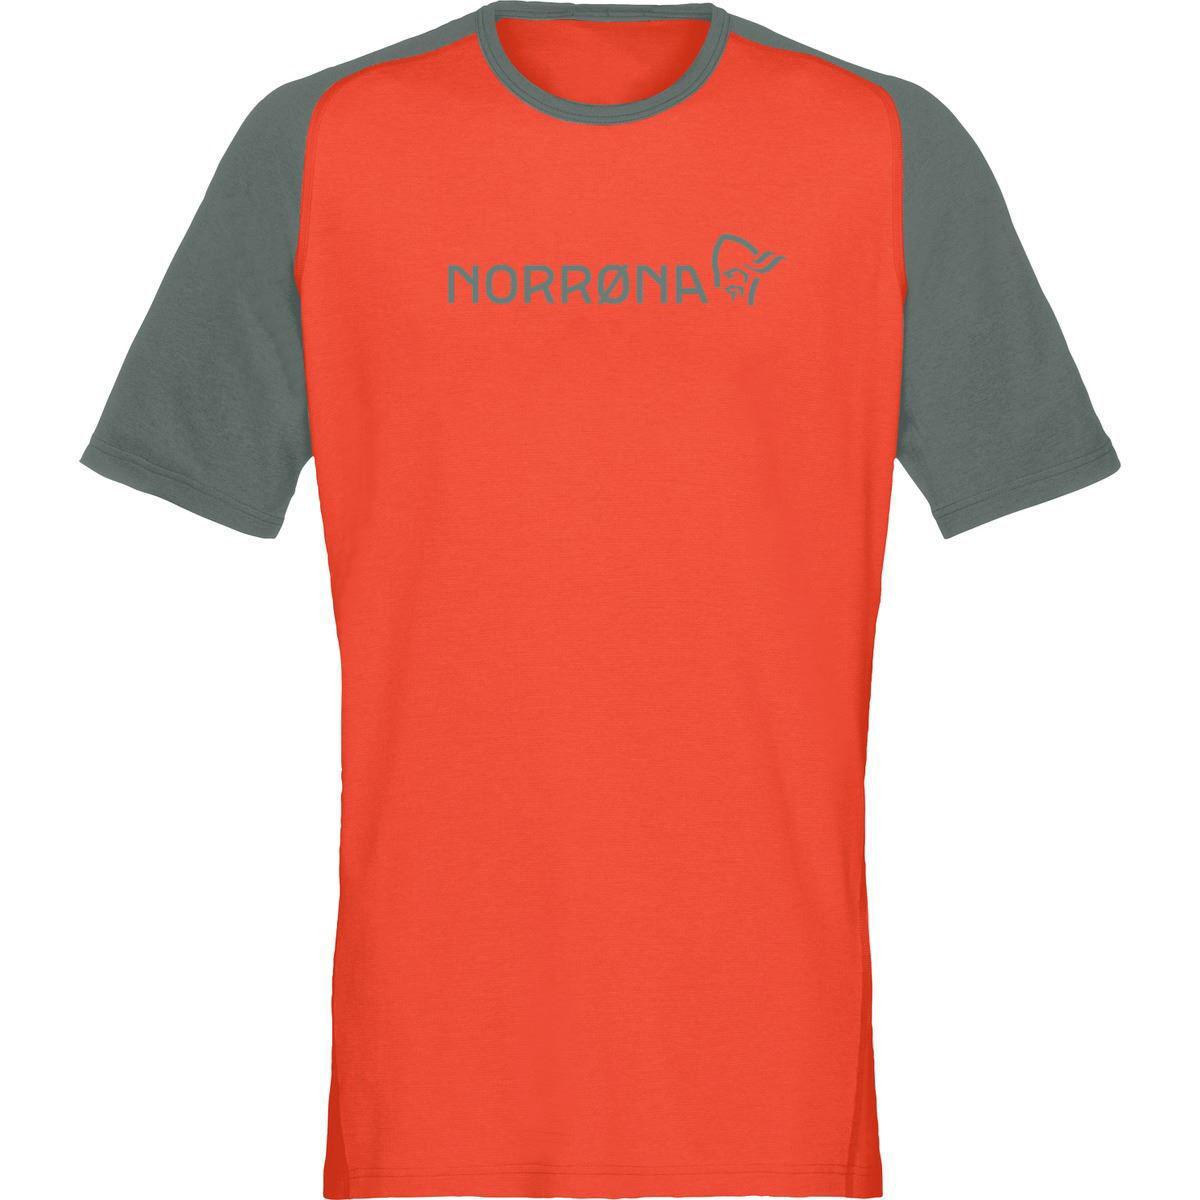 oransje t-skjorte til herre